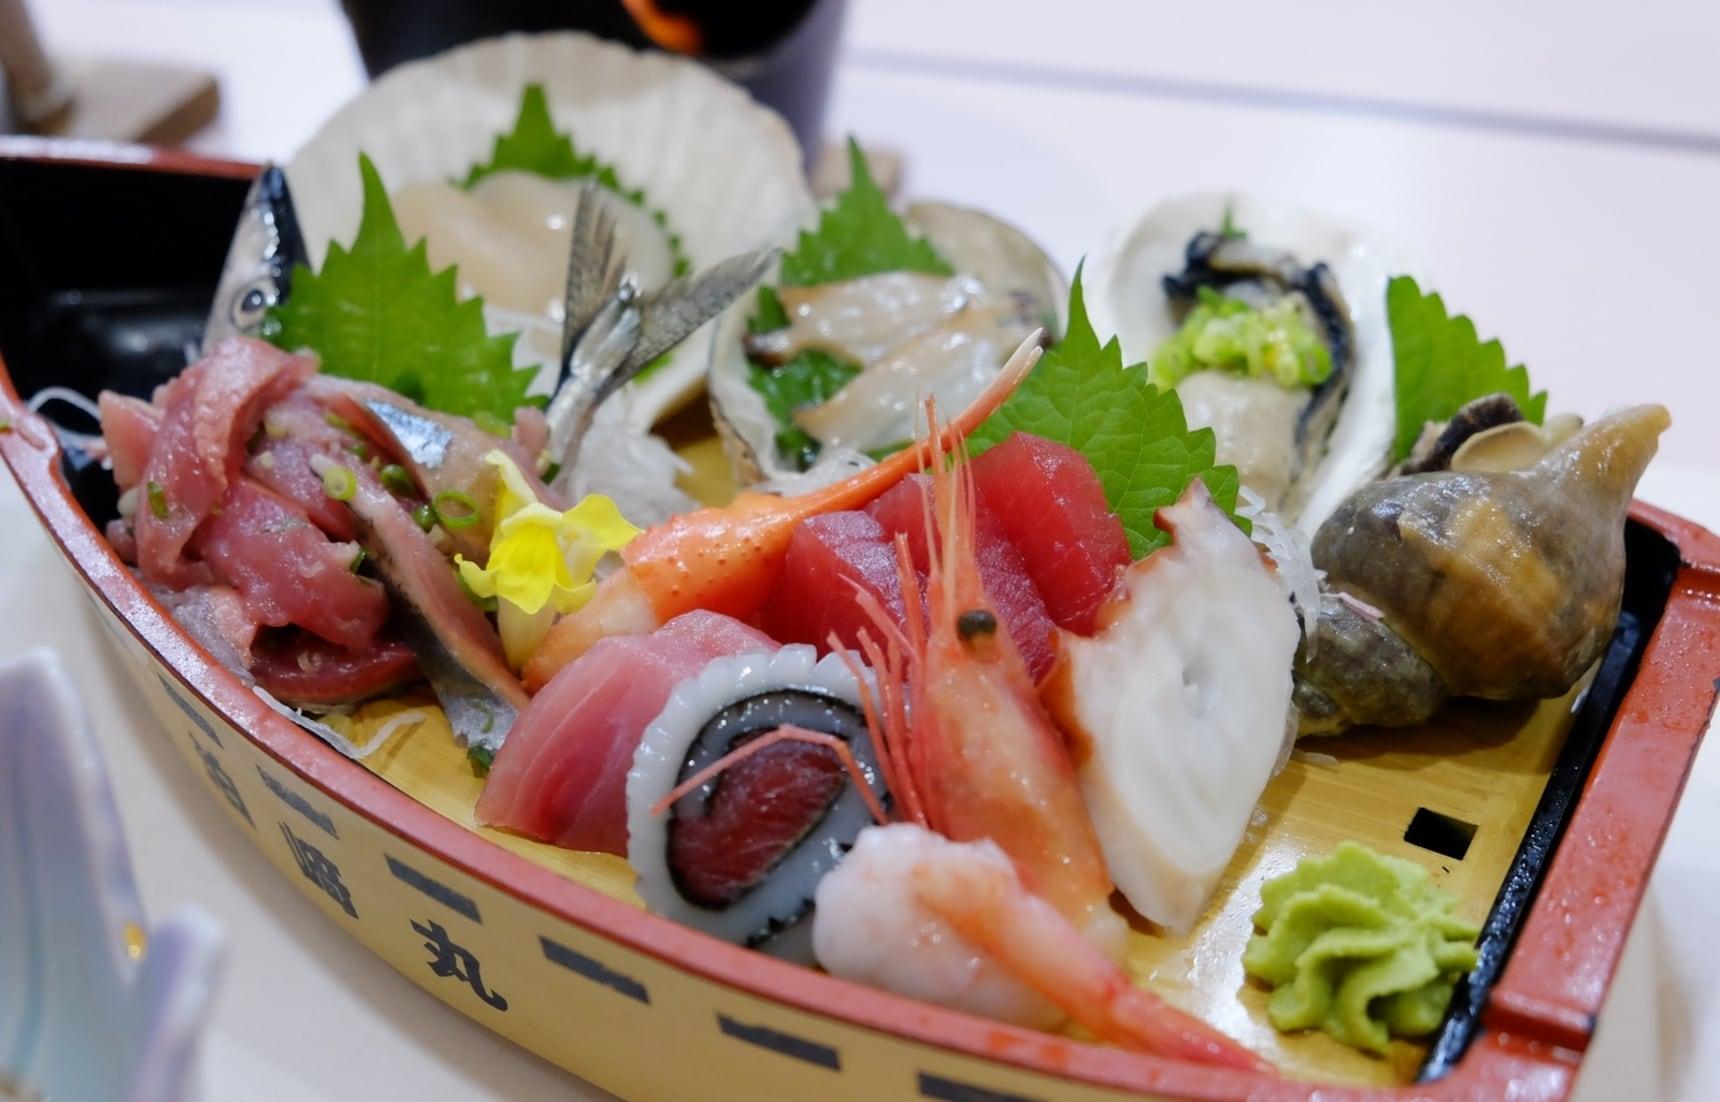 美食體驗購物樣樣有!仙台出發兩天一夜海味小旅行